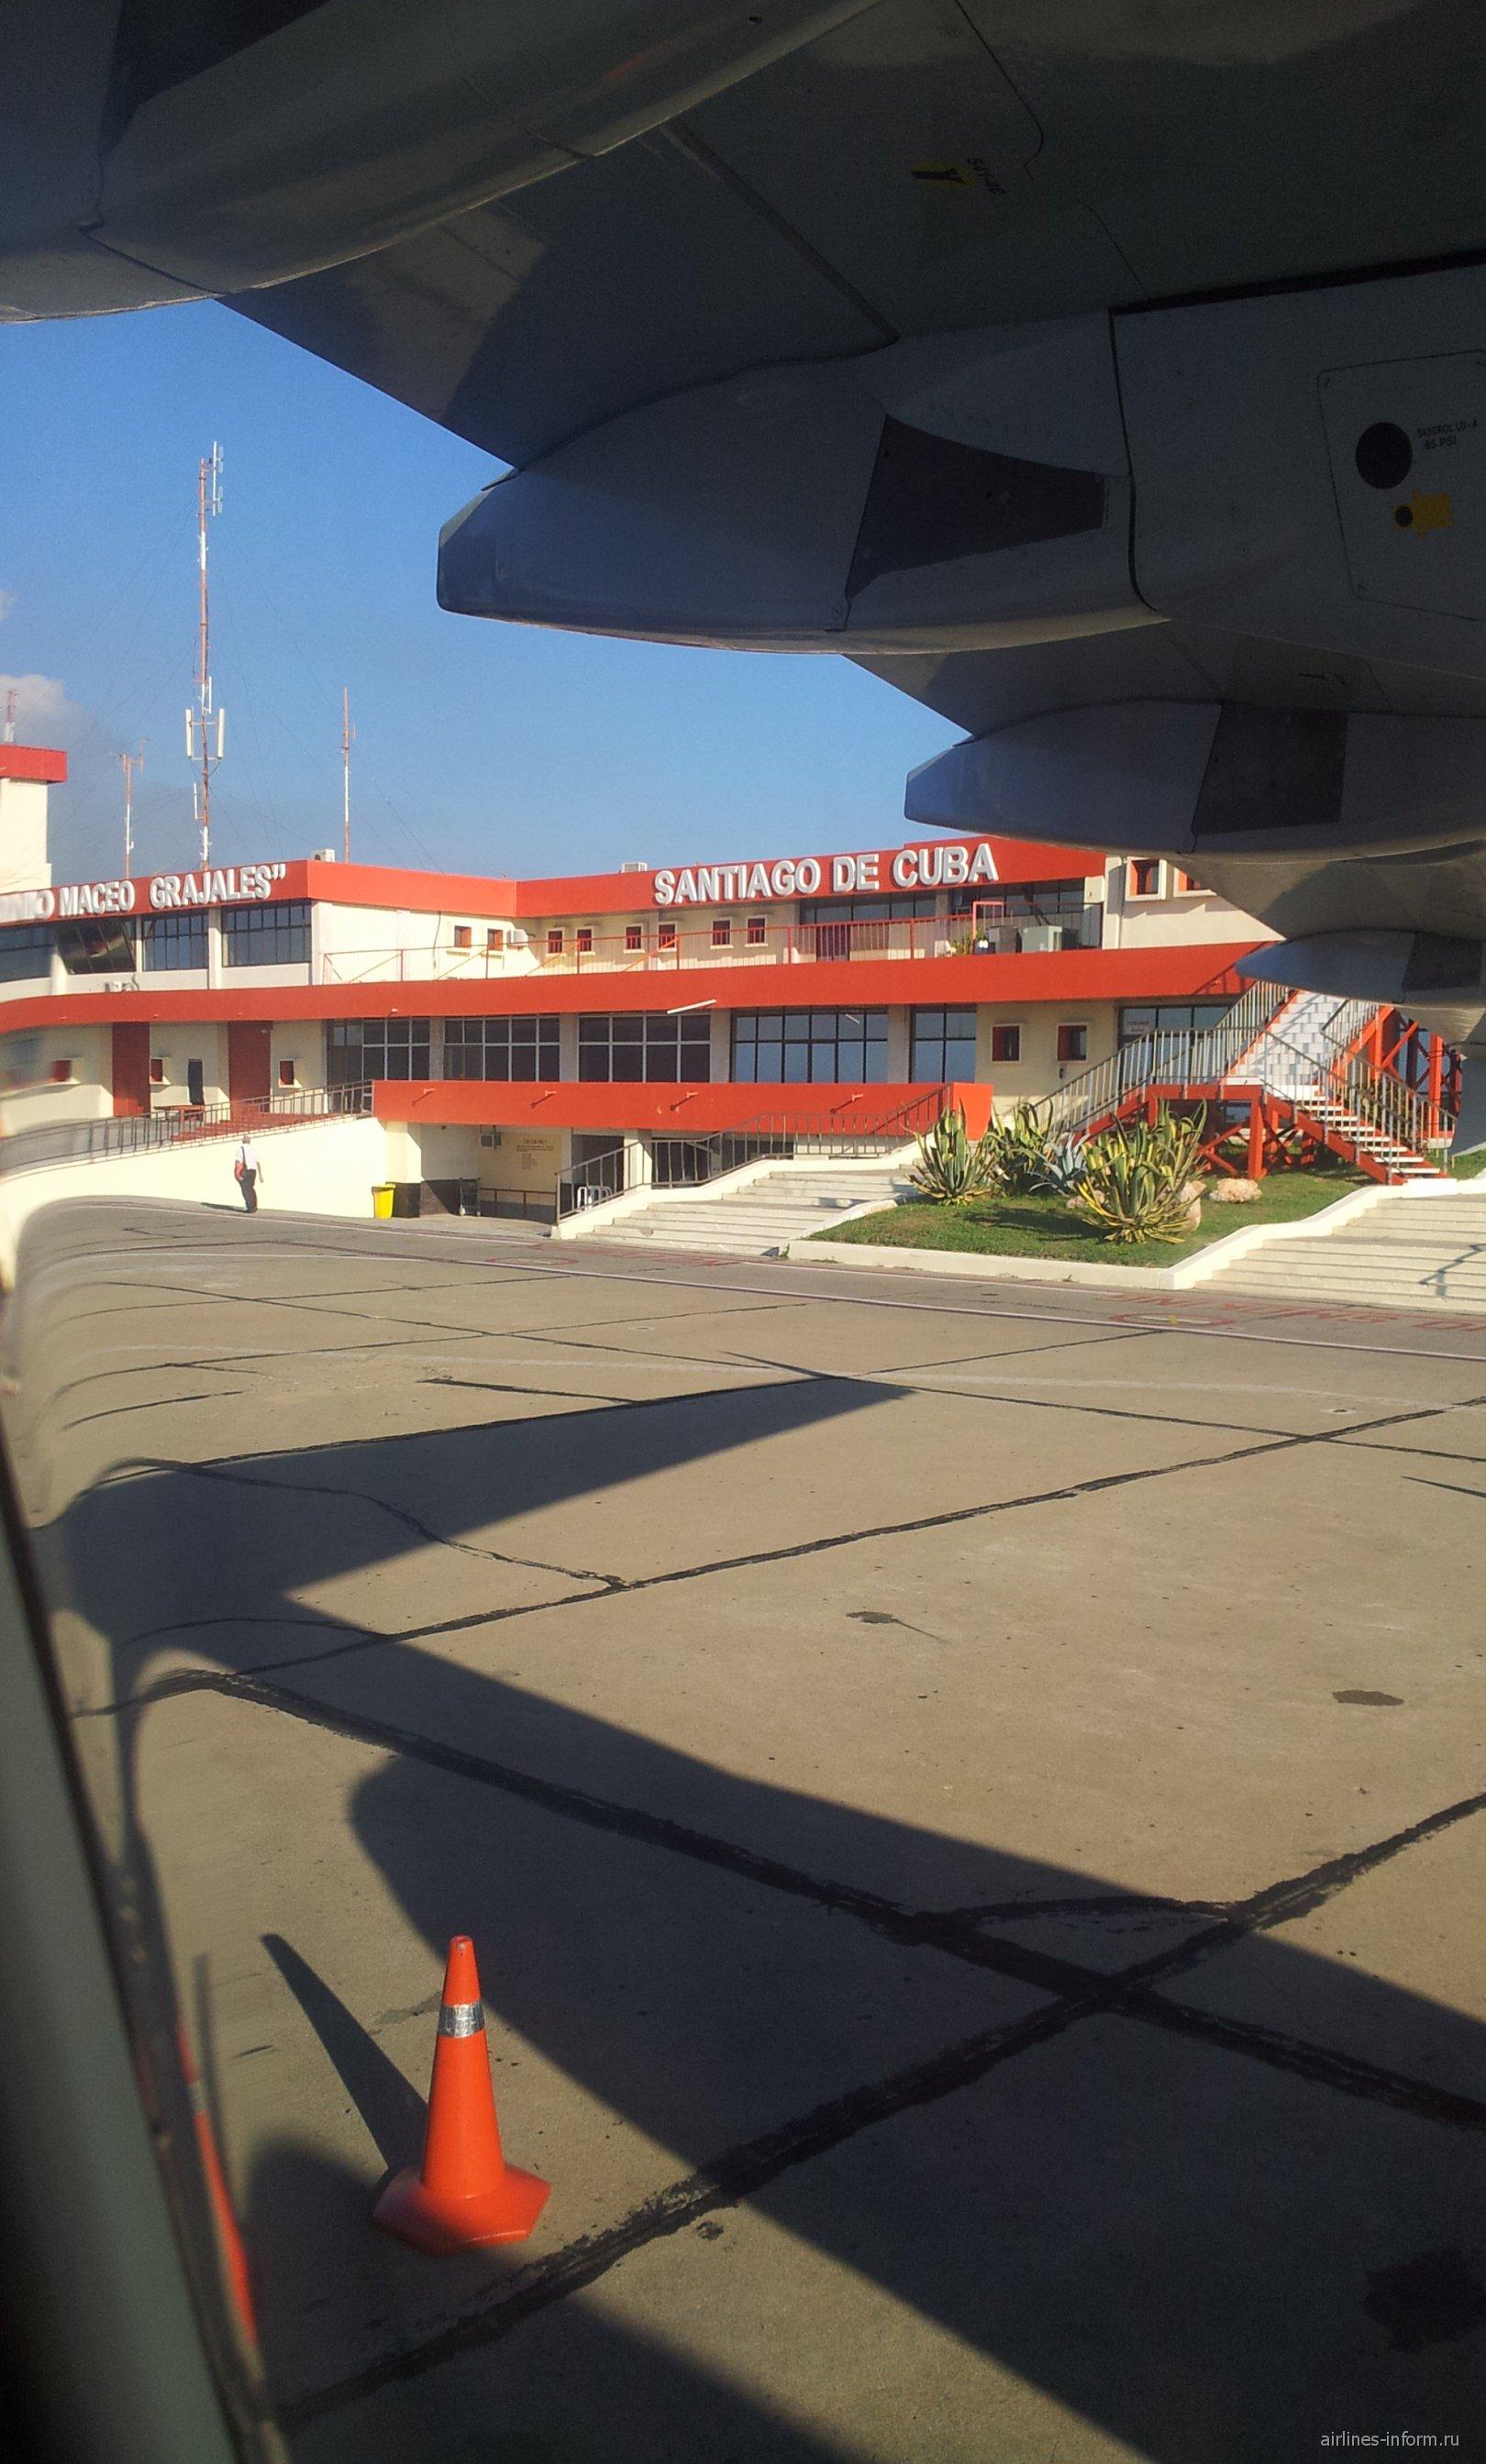 Аэропорт Антонио Масео в Сантьяго-де-Куба